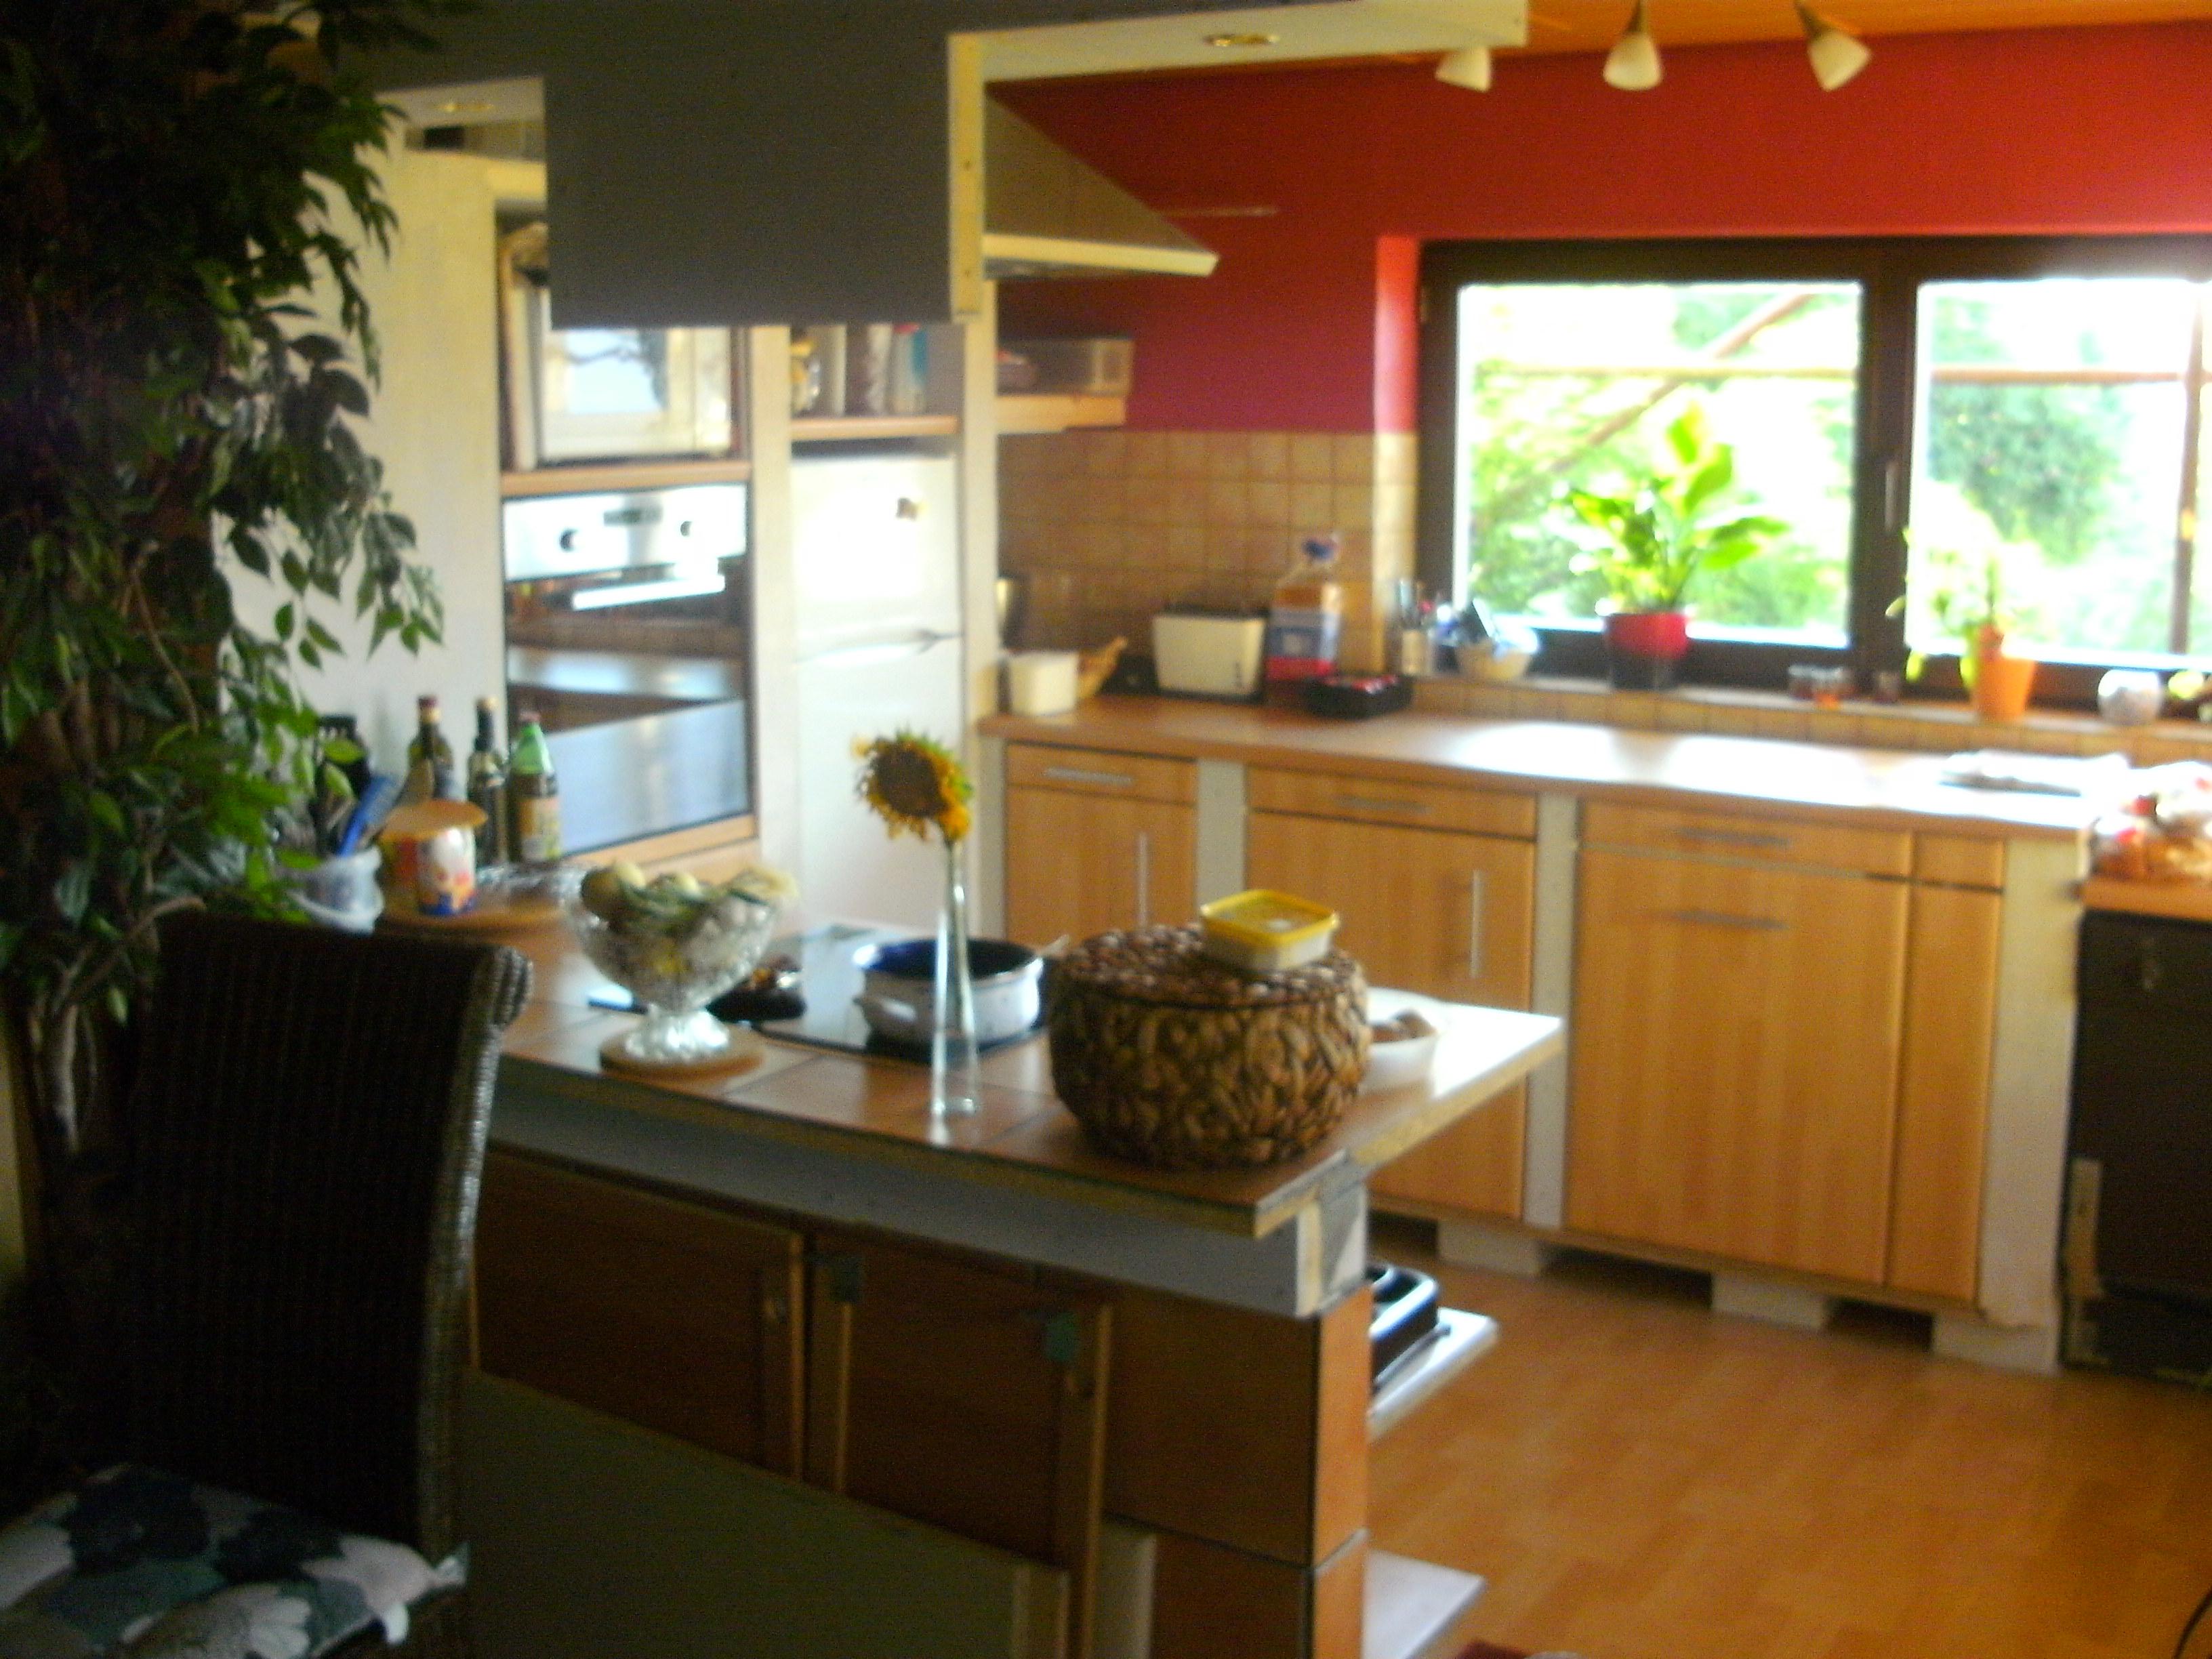 Küche selber bauen ytong  Küche aus Ytong | selbst.de